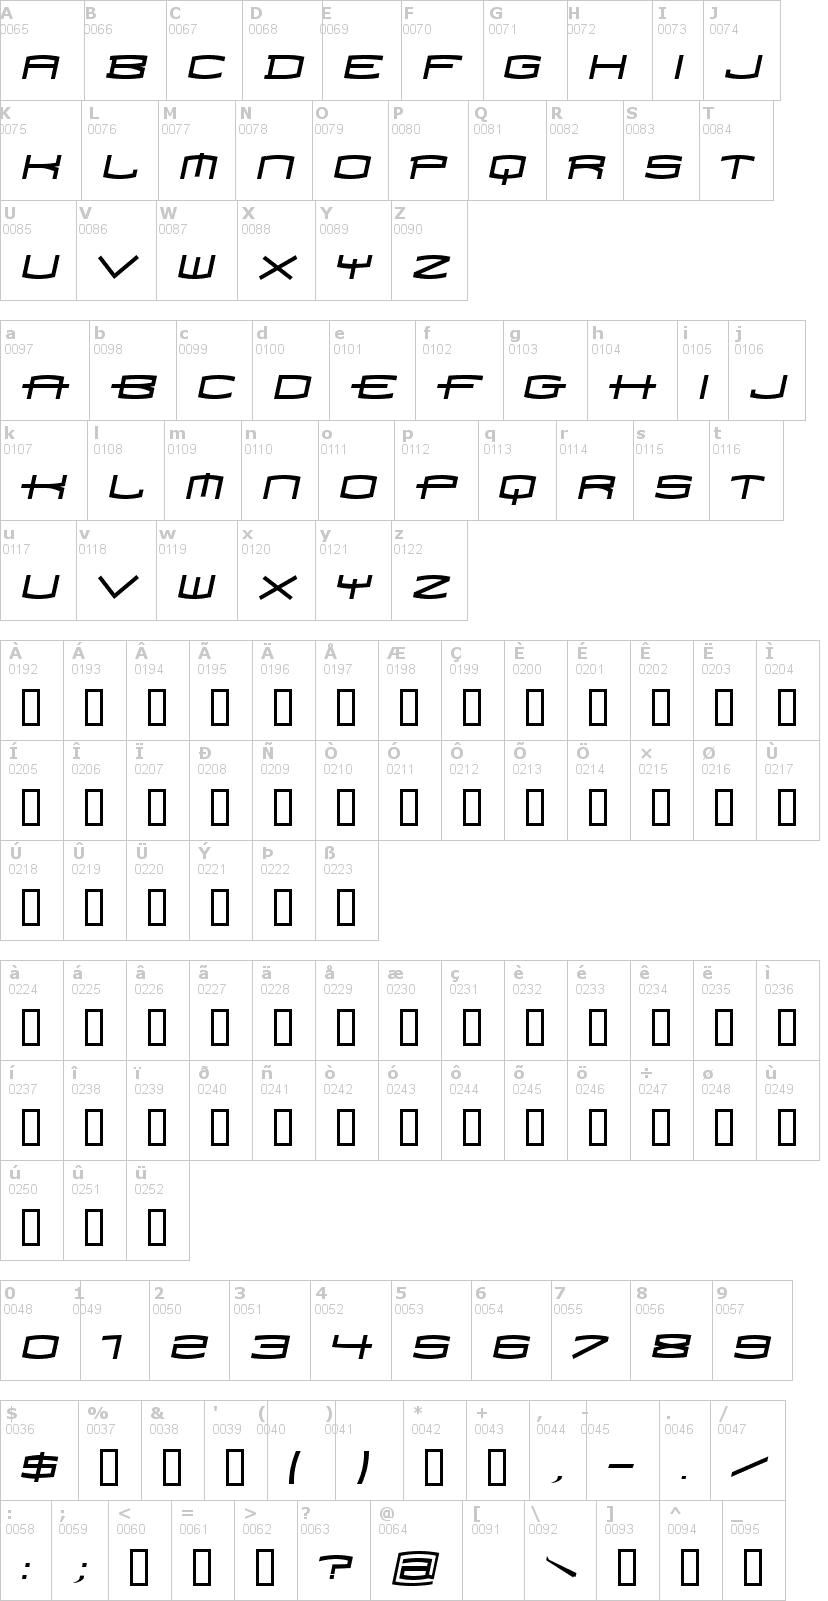 Lettere dell alfabeto del font spiderman con le quali è possibile